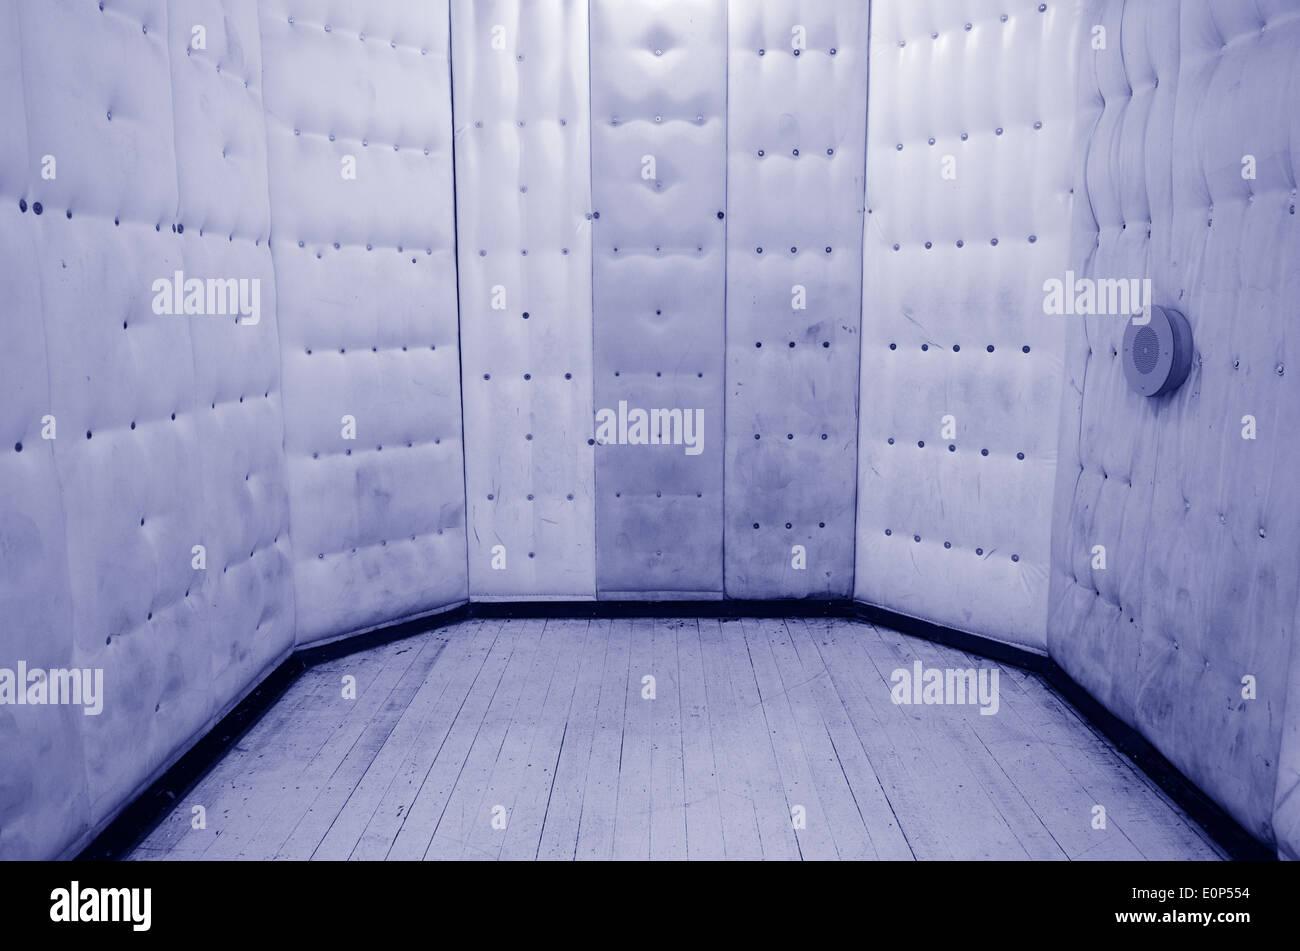 Leere Gummizelle. Konzept-Foto der psychiatrischen Klinik, psychiatrische Kliniken, psychiatrischen Stationen und psychischen Störungen. Stockbild